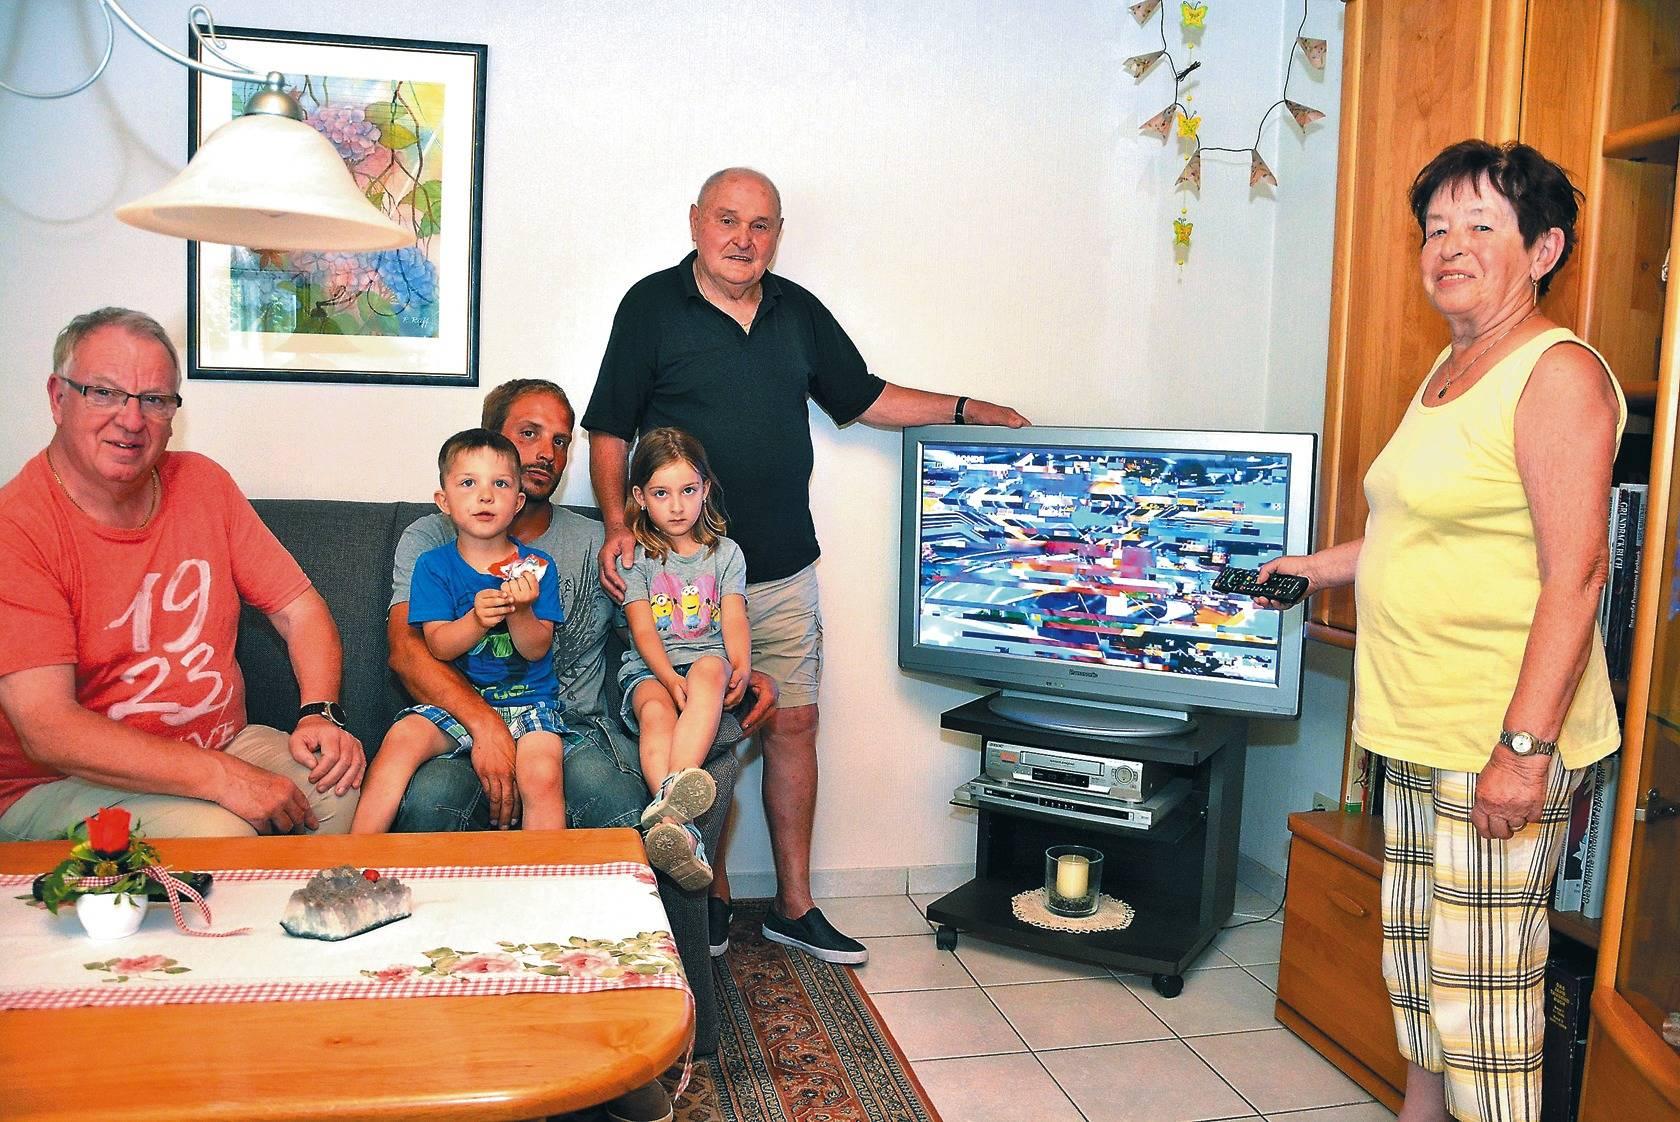 Unitymedia-Kunden in Eppelheim : Kein Fernsehen, kein Internet, kein ...